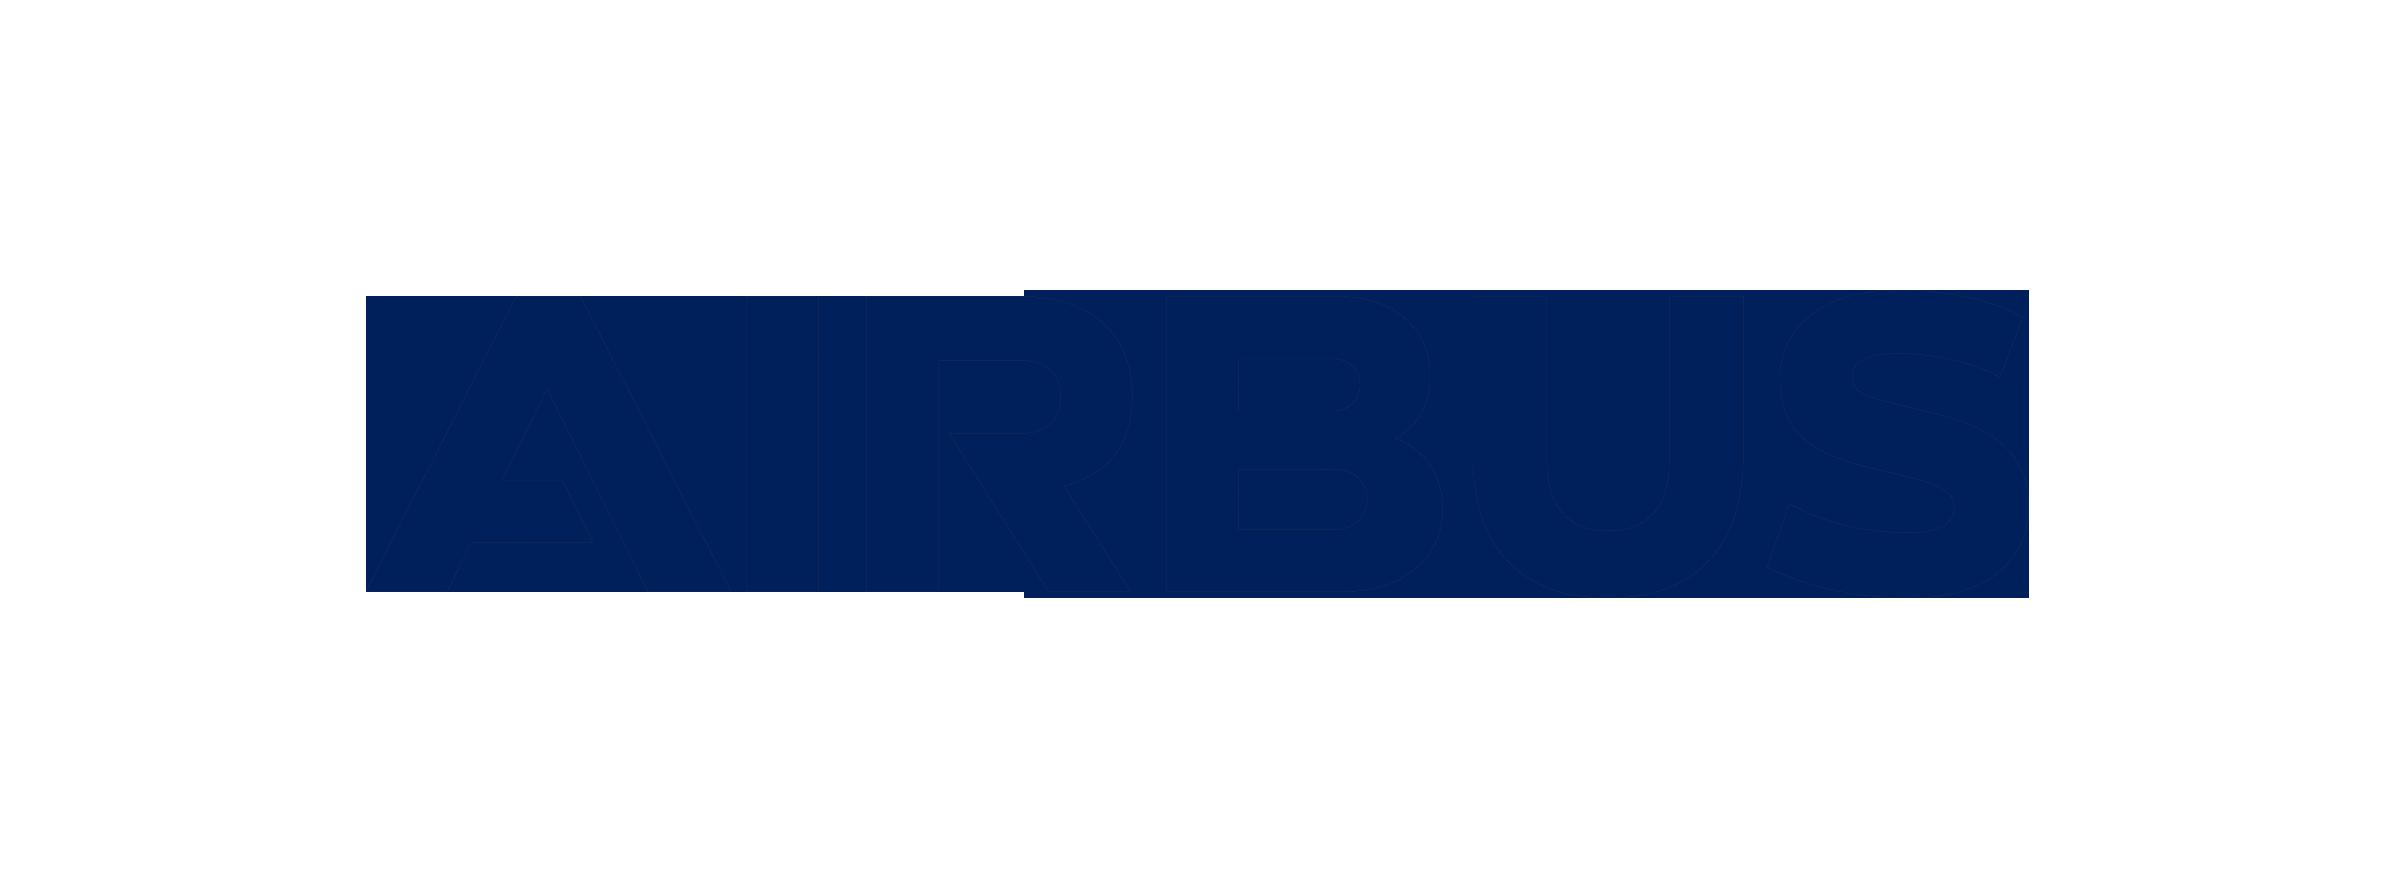 Nouveau logo AIRBUS_RGB.png